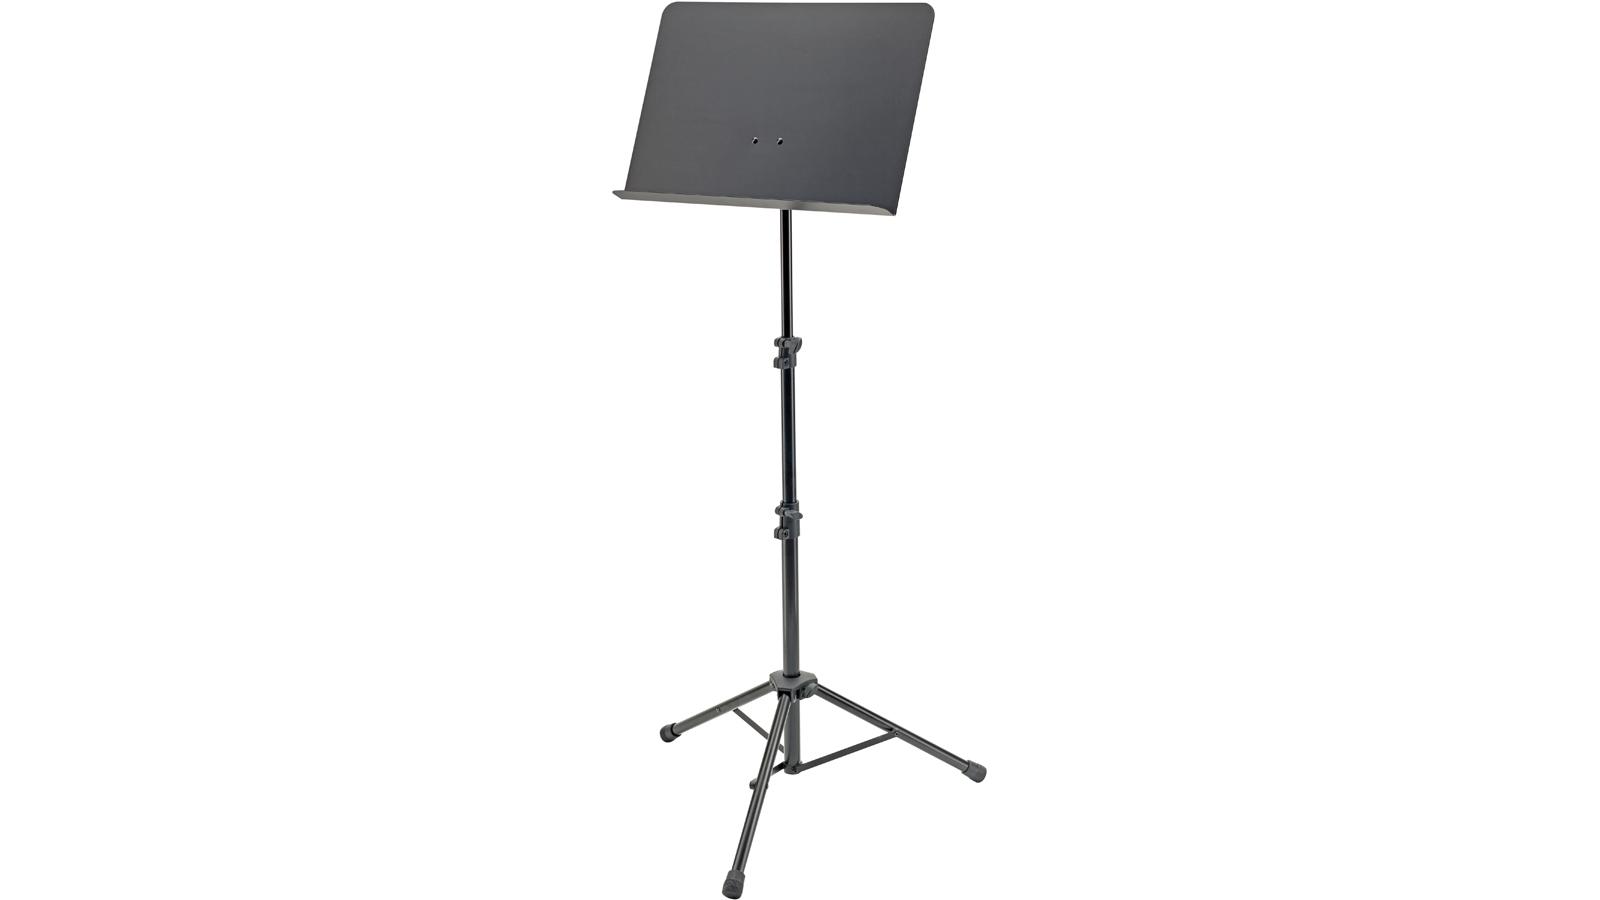 K&M 11870-015-55 Orchesternotenpult schwarz